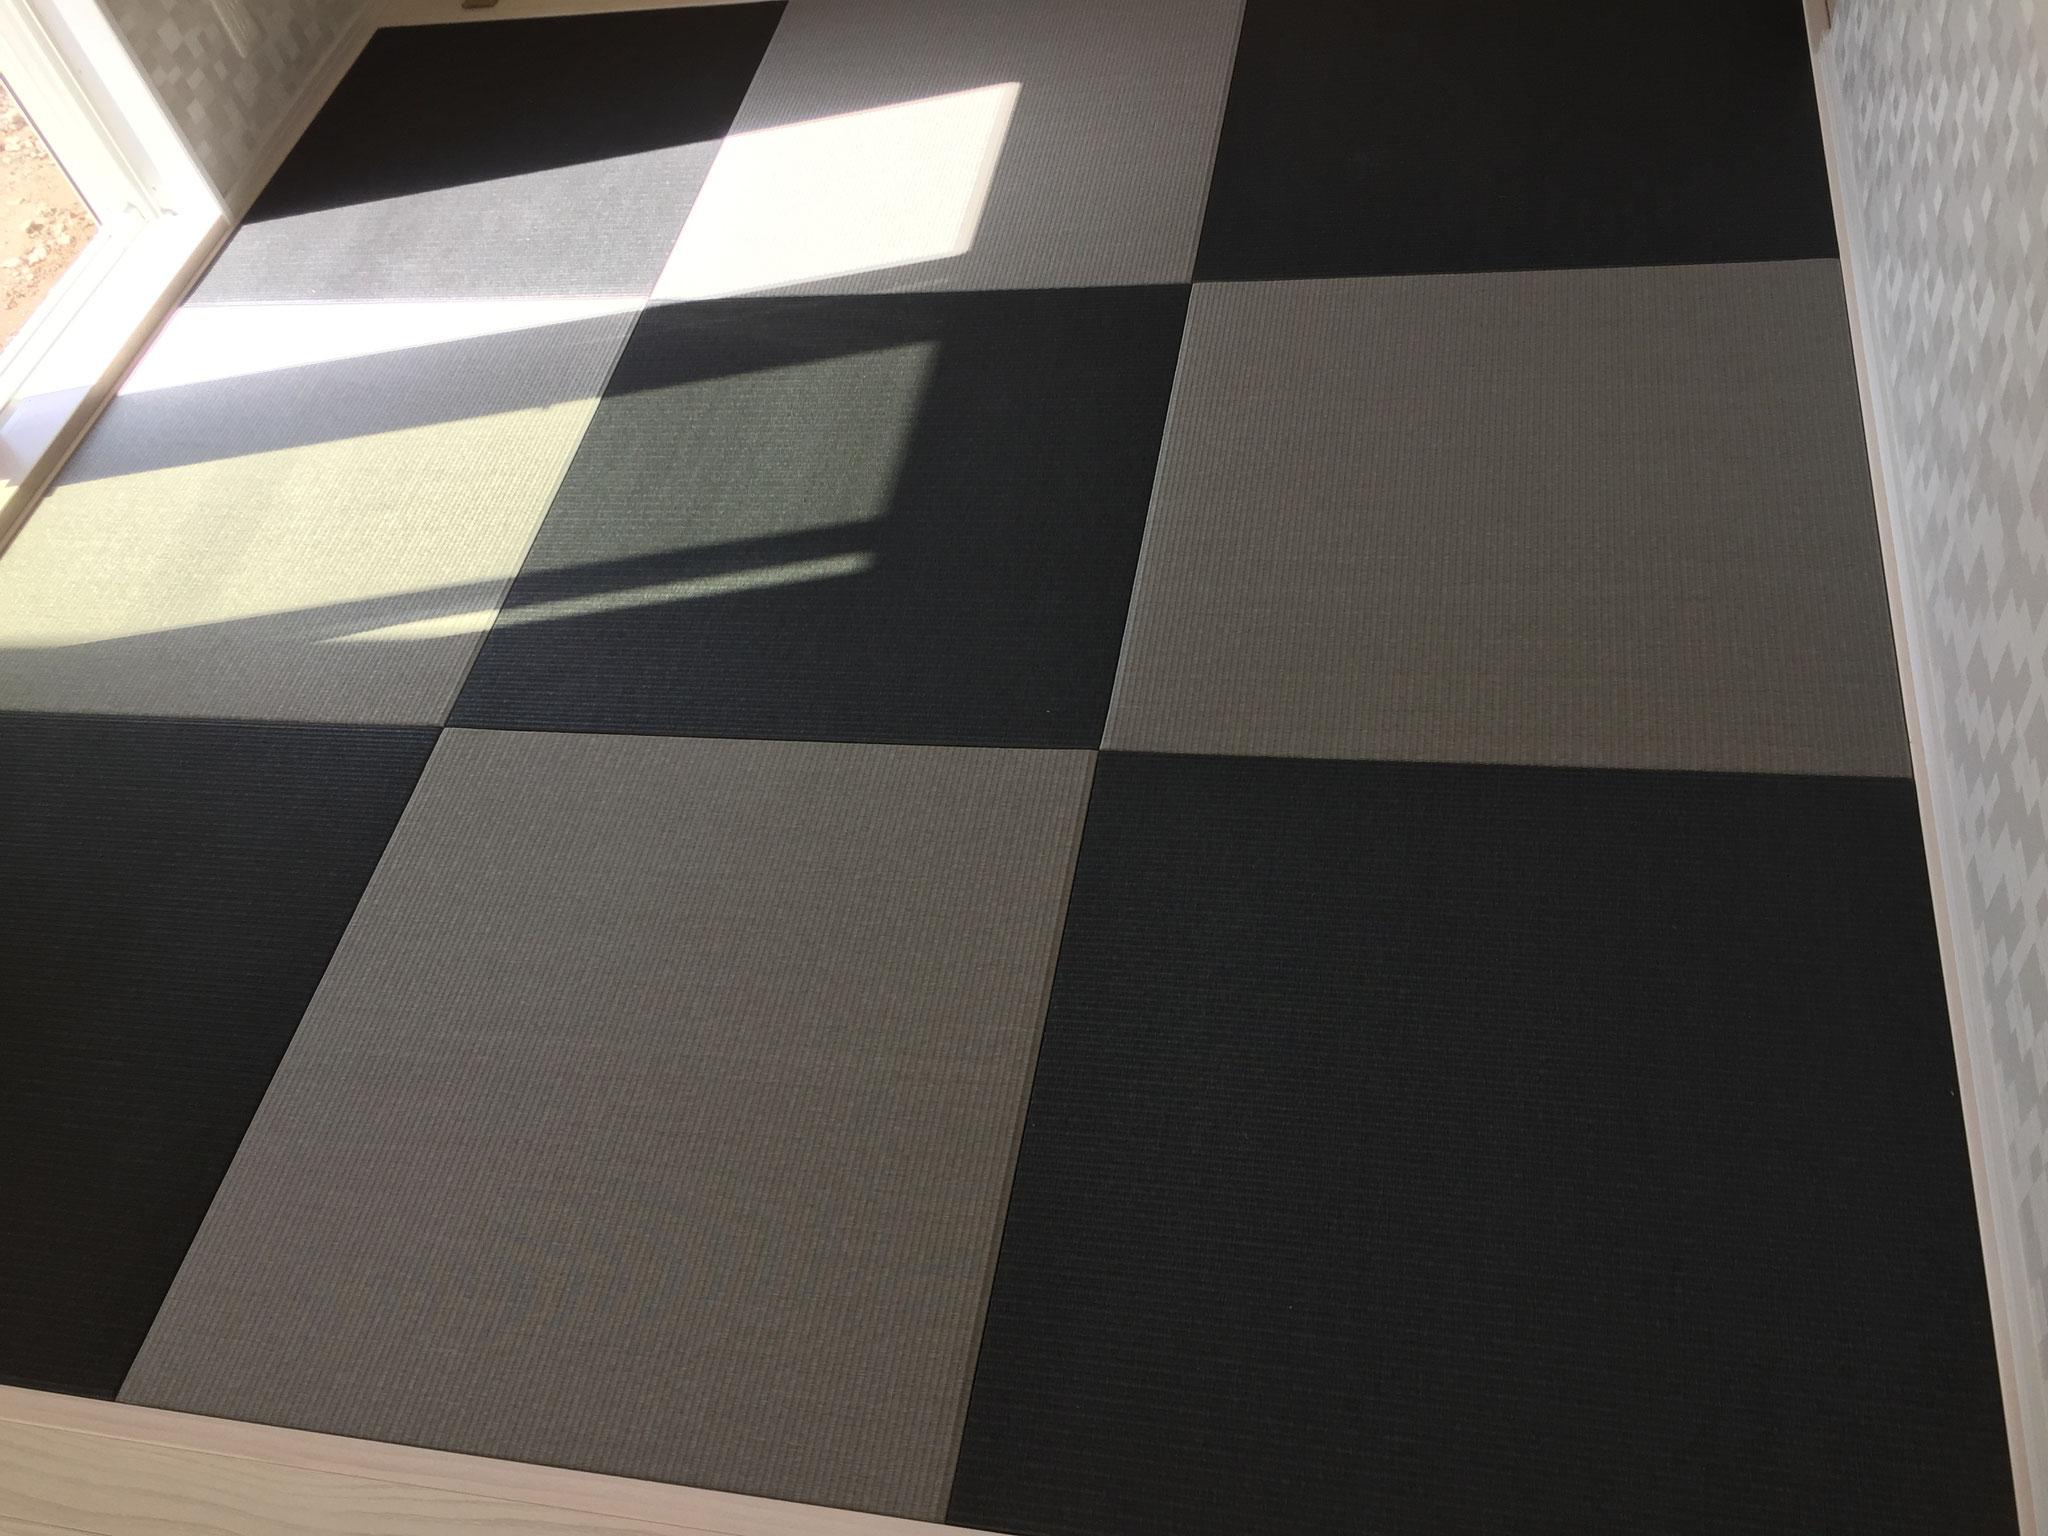 和紙畳 清流09墨染色×清流11銀鼠色